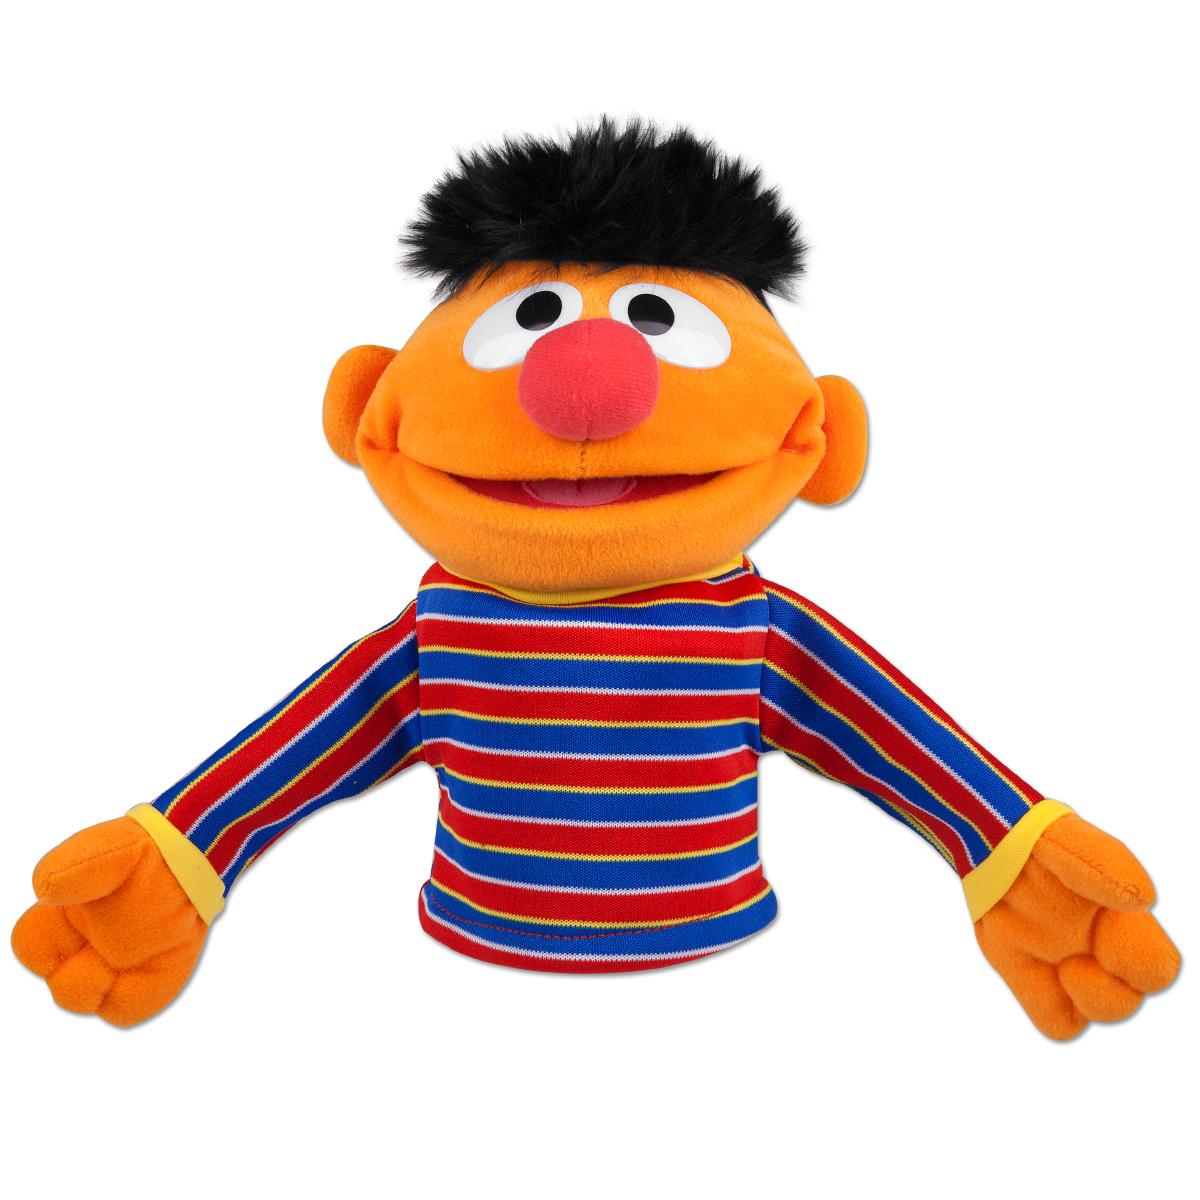 Ernie Hand Puppet